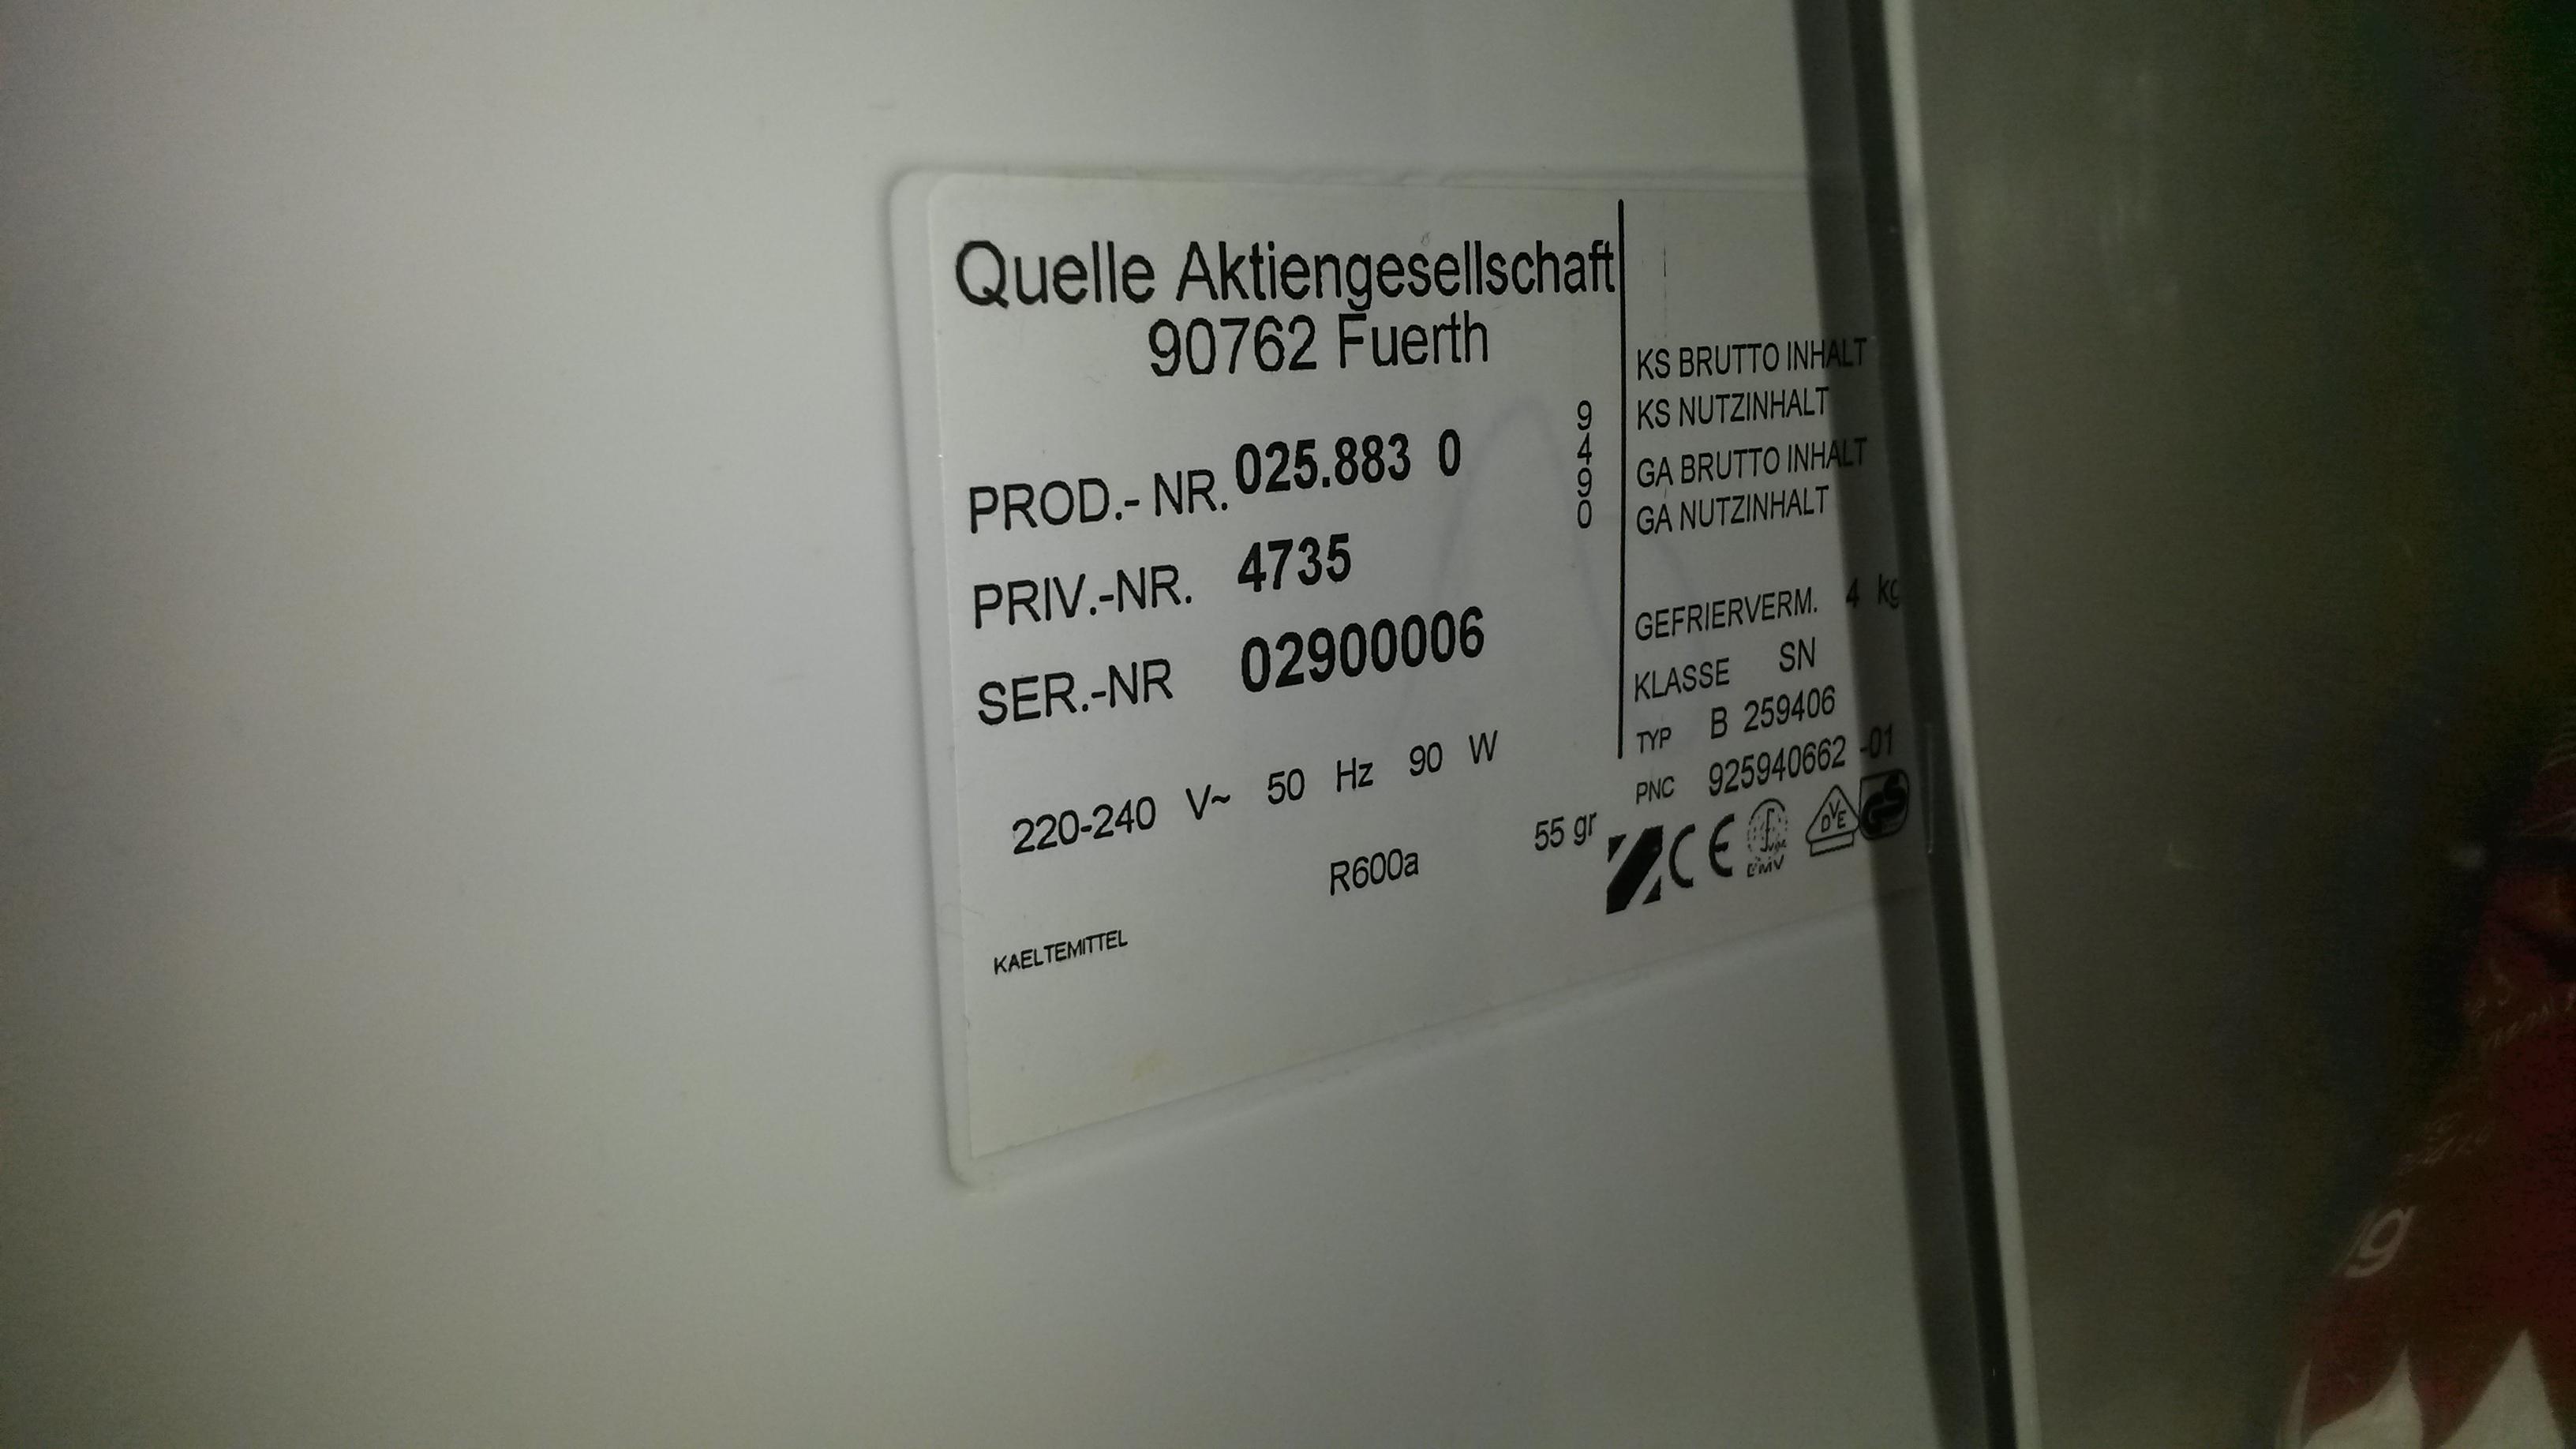 Aeg Kühlschrank Bedienungsanleitung : Bedienungsanleitung für privileg Öko energiesparer kühlgefrierkombi